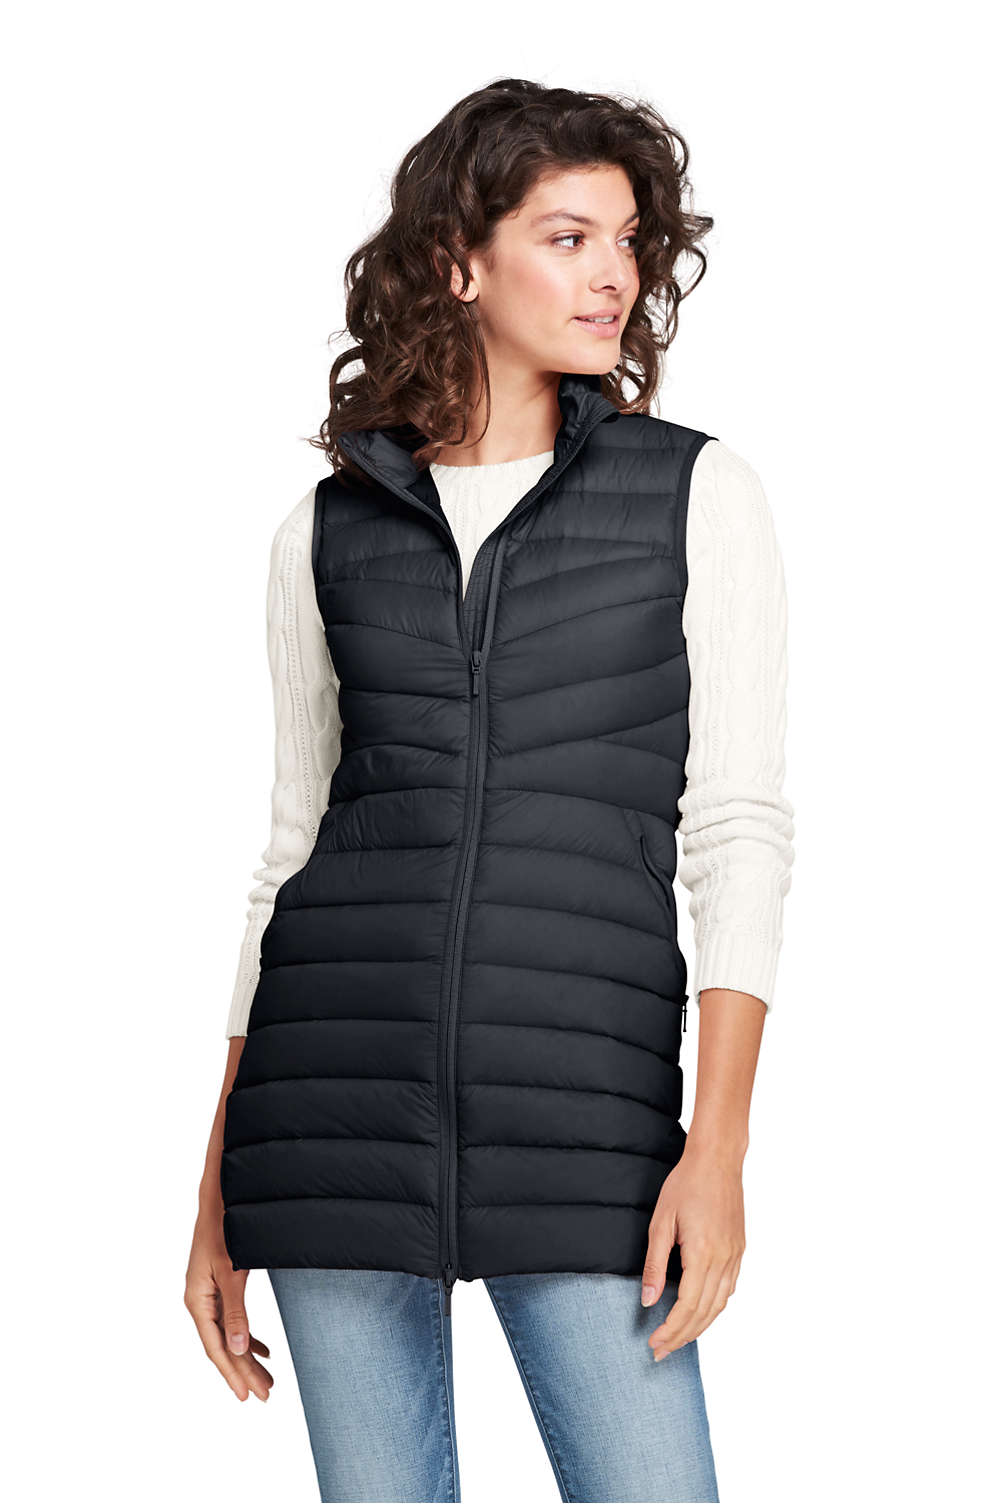 56d17b5613500 Women s Ultralight Long Down Puffer Vest Packable from Lands  End